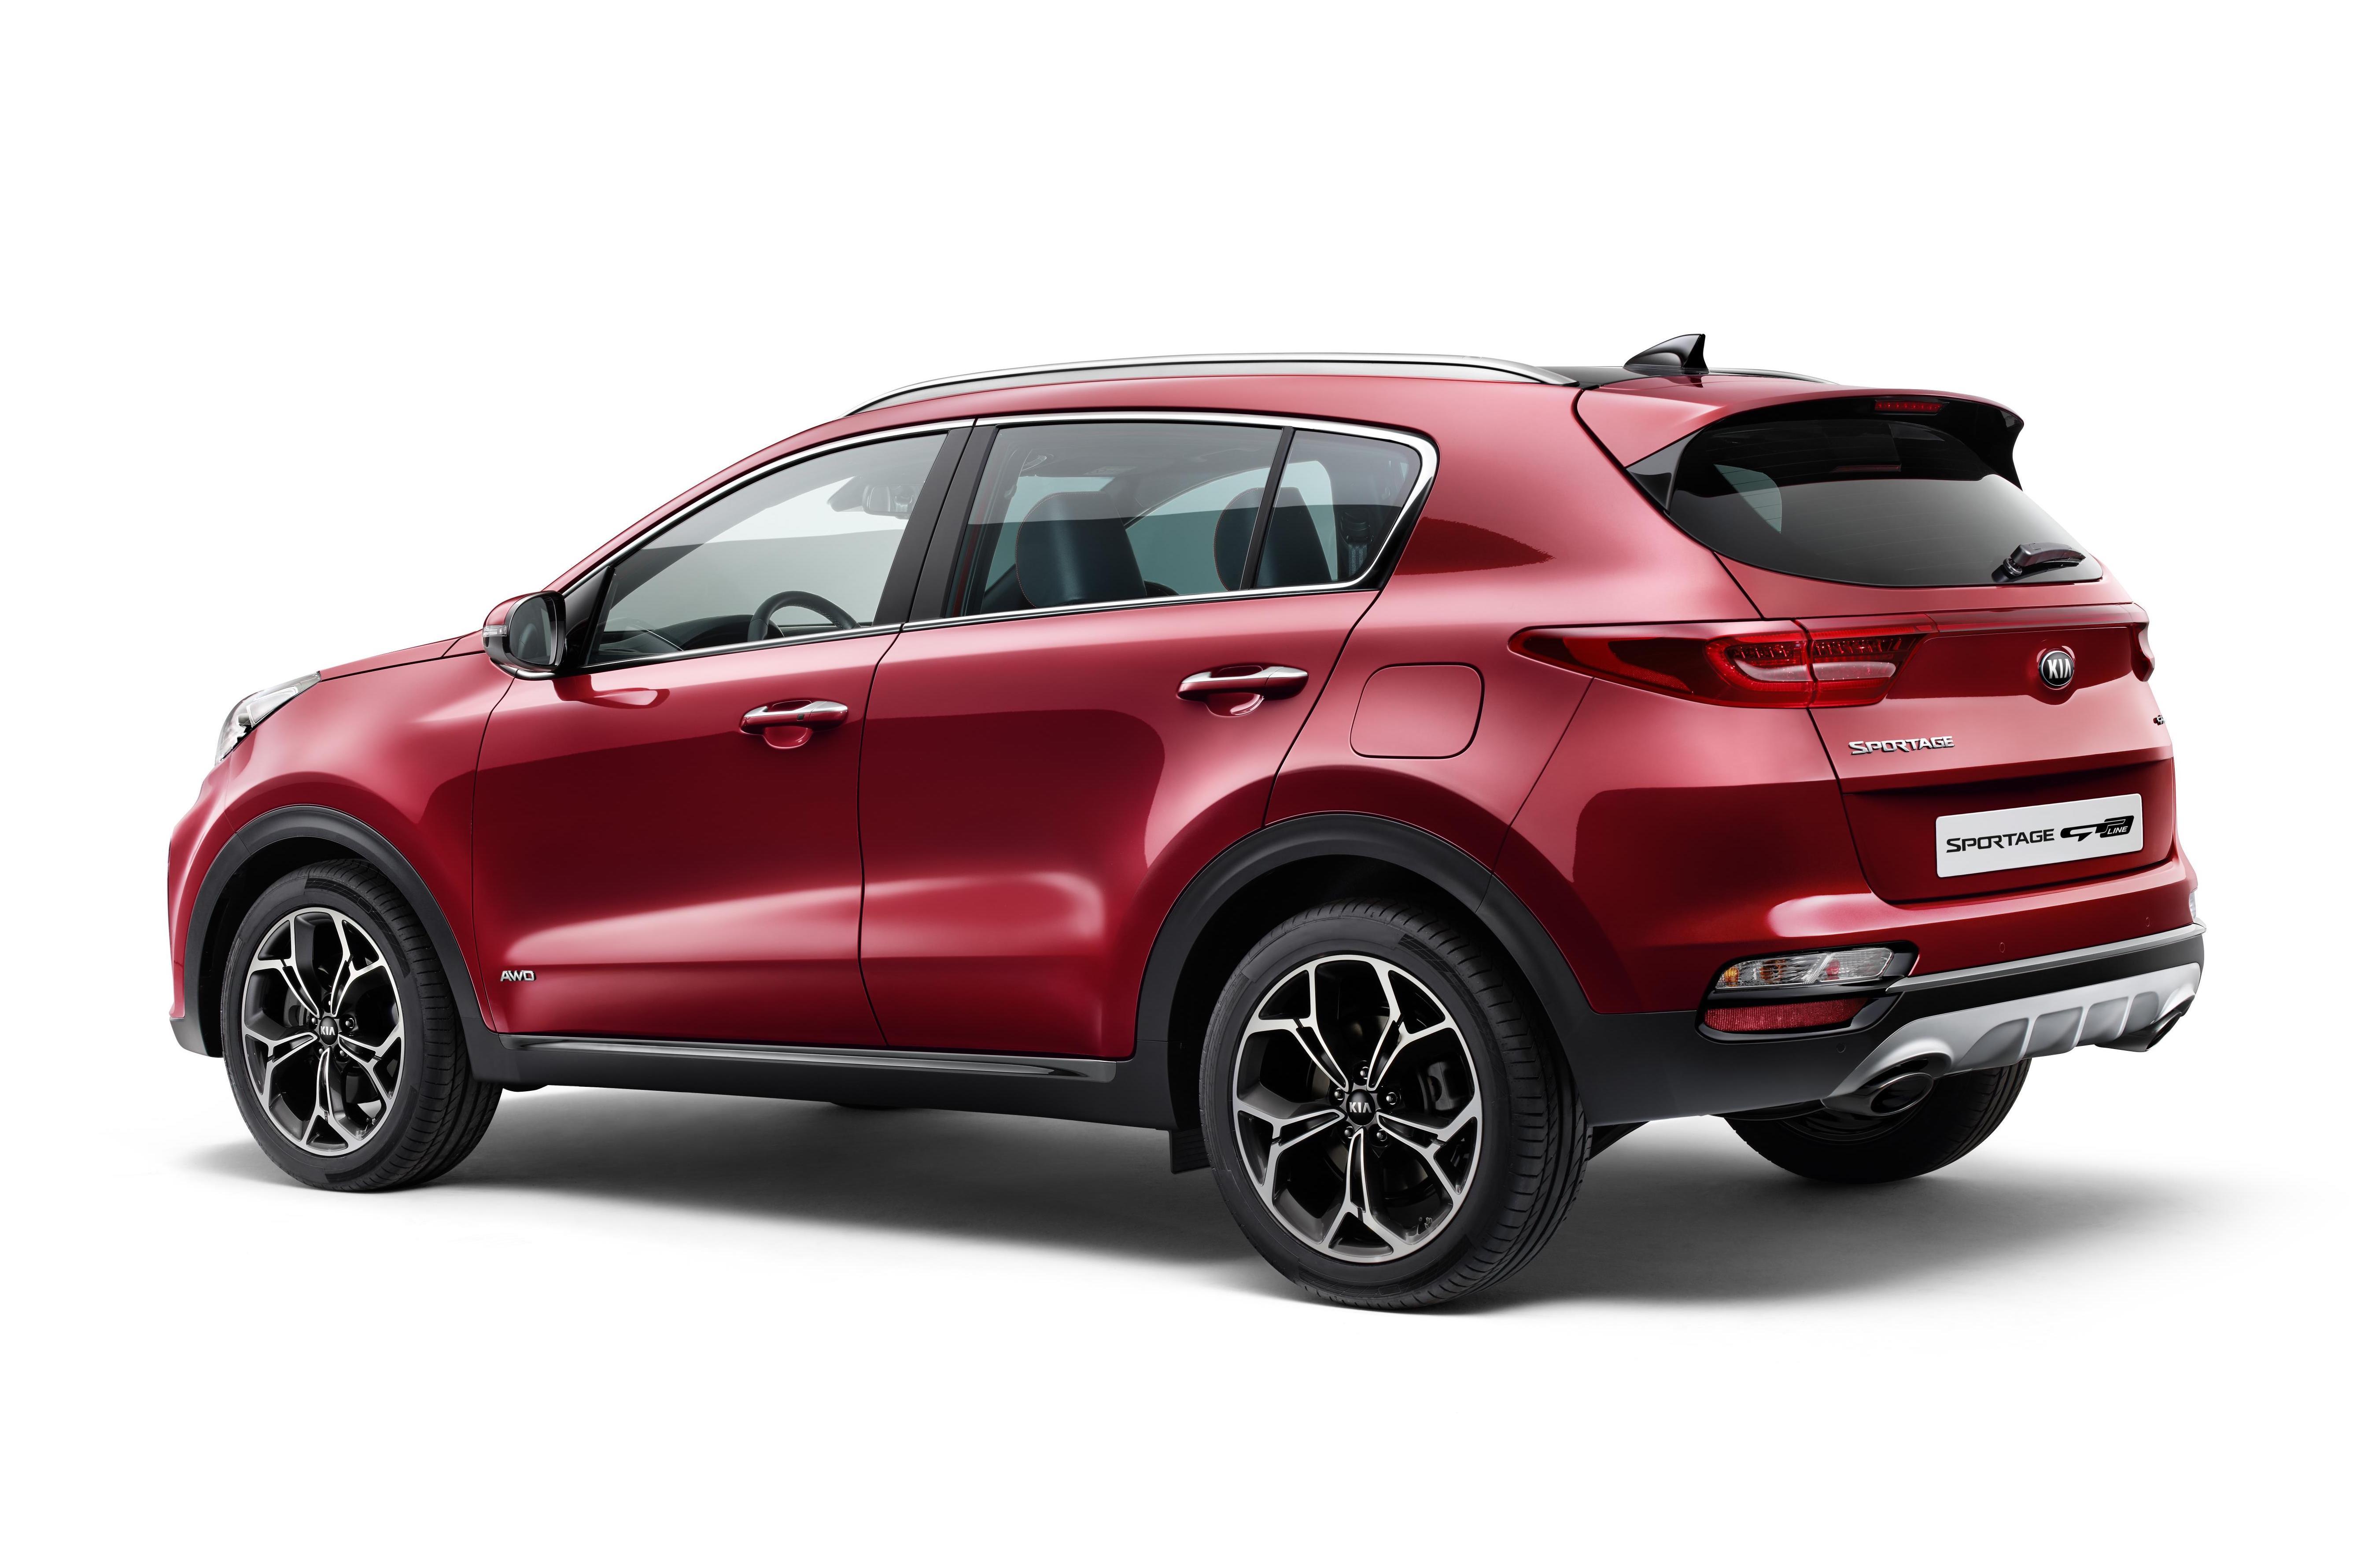 2019 kia sportage revealed with new hybrid diesel